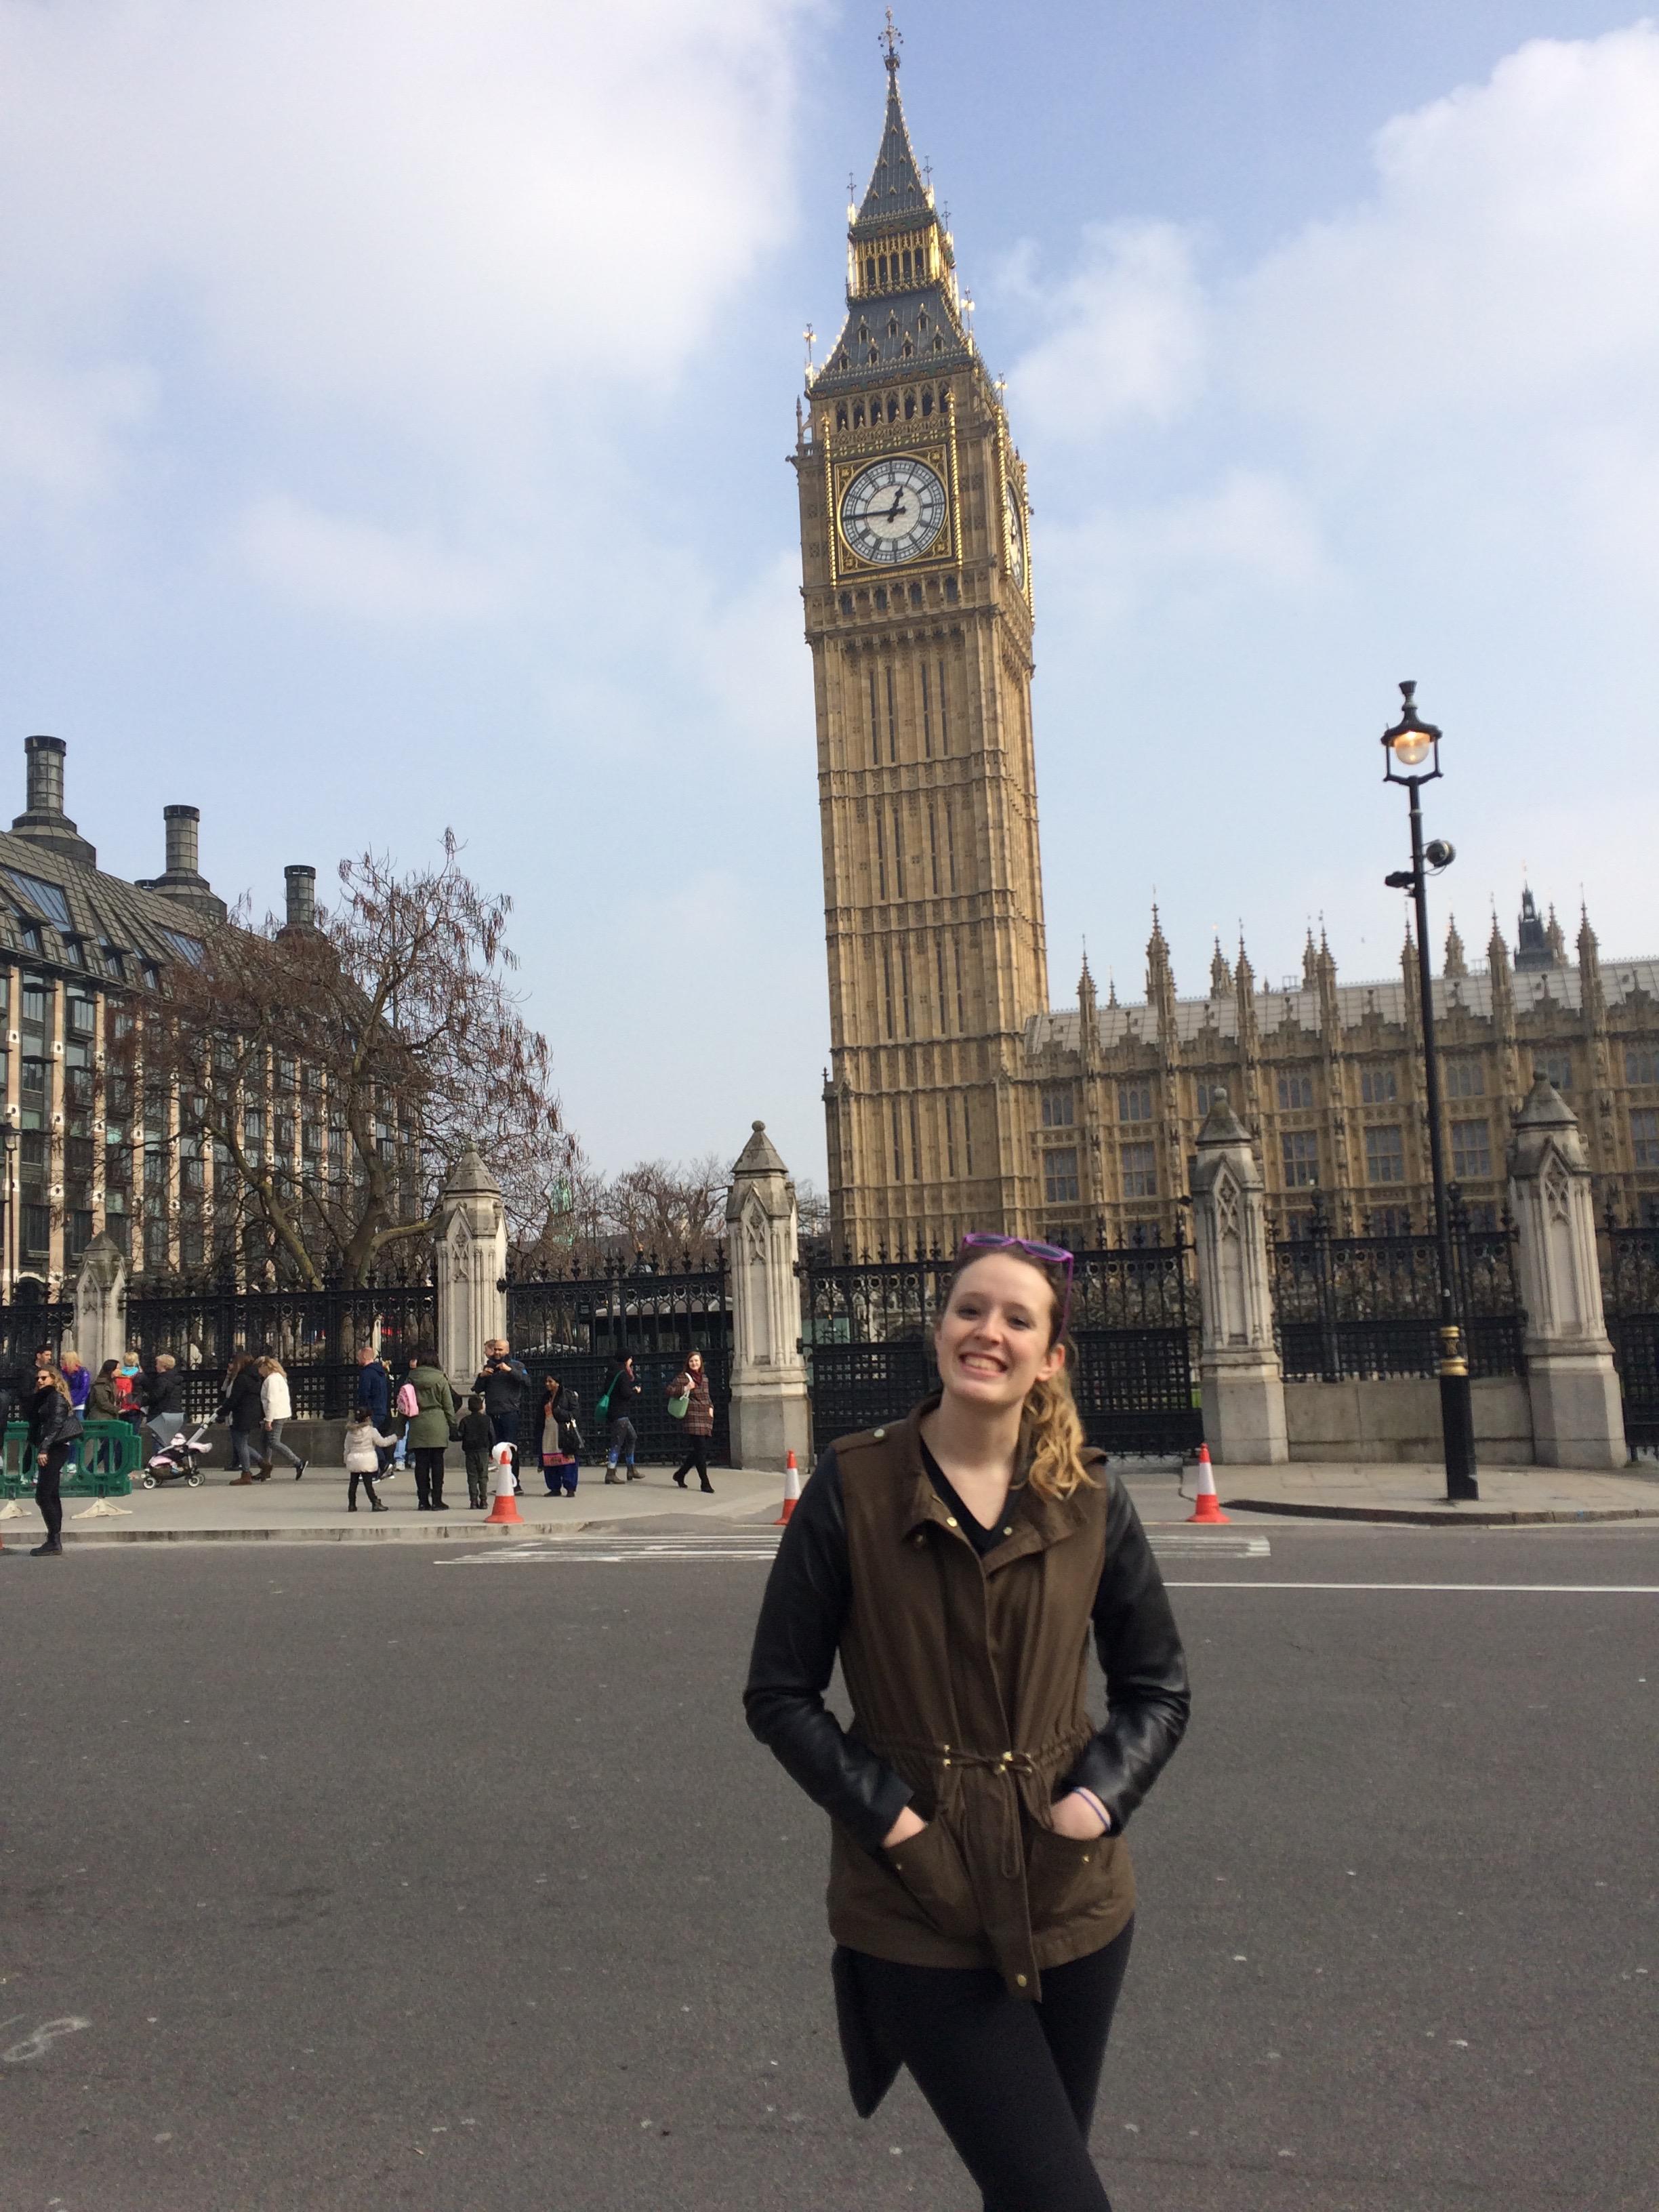 Ireland Maynooth- Madeleine Vande Polder in London, England